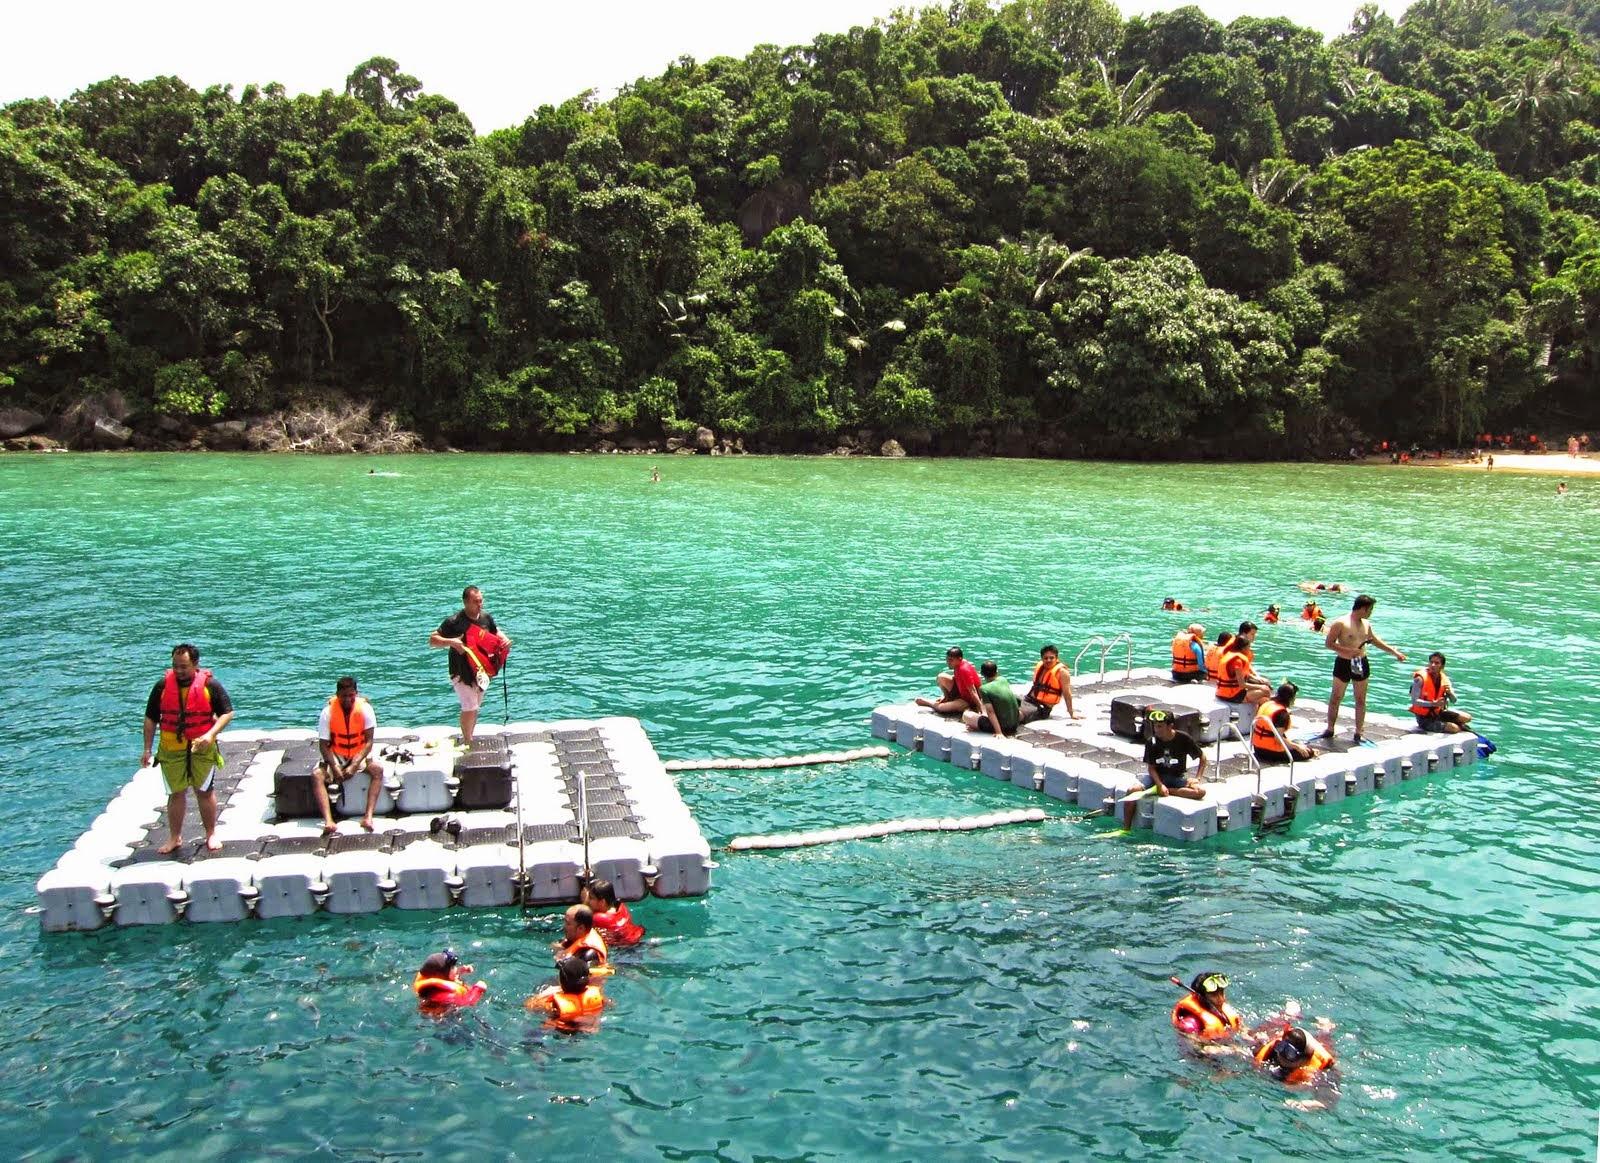 tioman island L'île de tioman, aussi appelée pulau tioman, est une superbe île située au large de la côte sud-est de la malaisie elle est considérée comme l'une des.